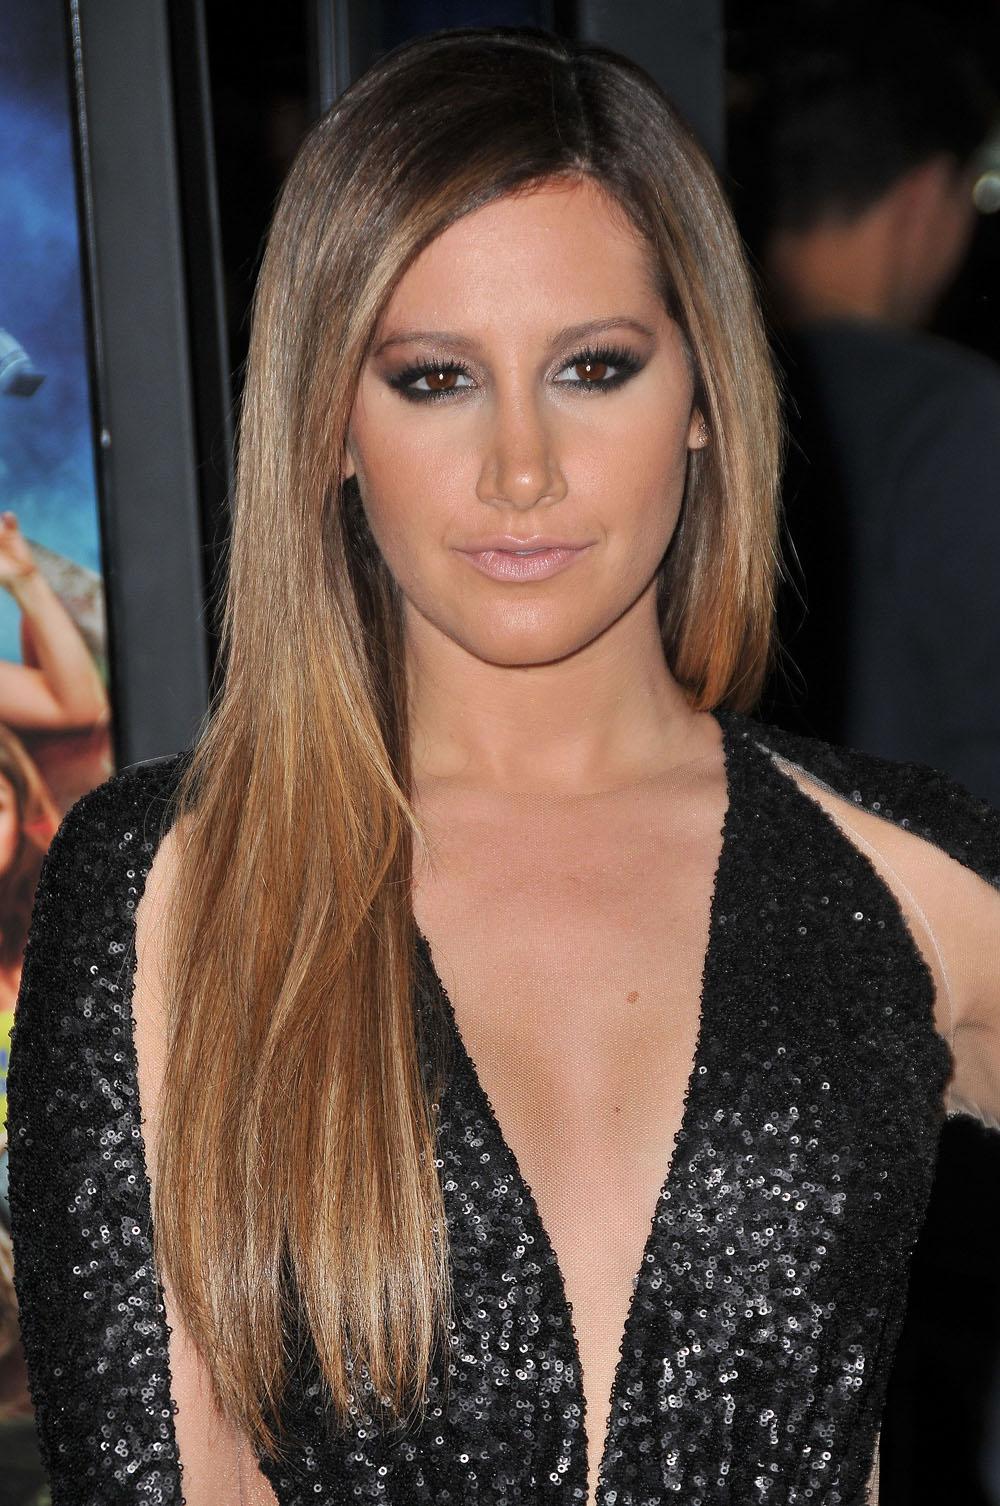 Ashley Tisdale zac efron